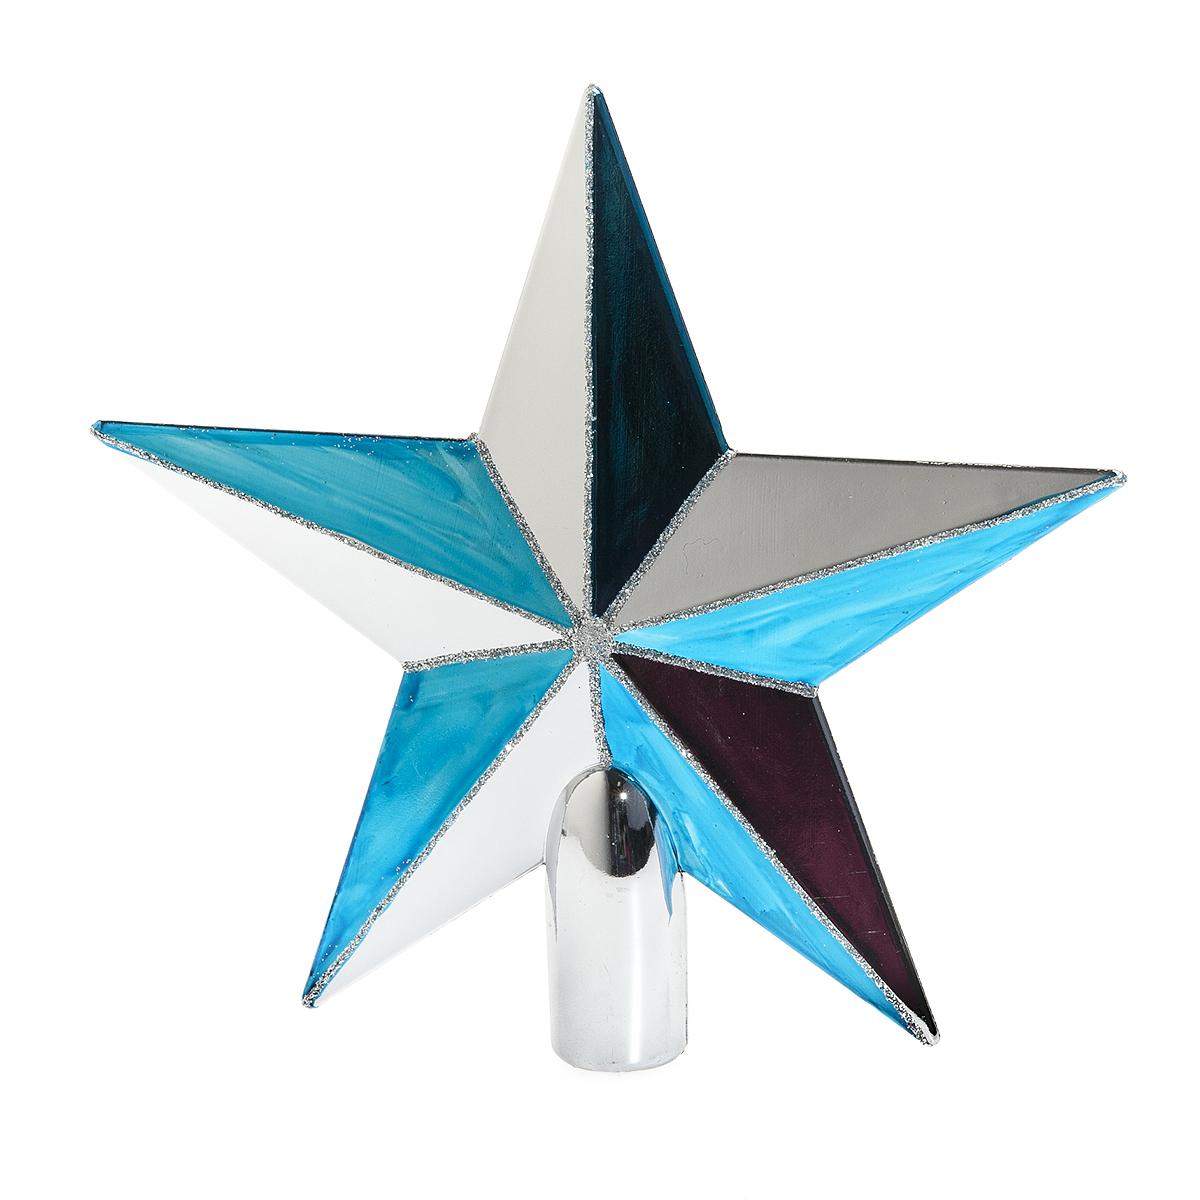 Верхушка на елку Lunten Ranta Яркая, цвет: синий, серебристый, высота 20 см. 6550565505Верхушка на елку Lunten Ranta Яркая прекрасно подойдет для декора новогодней елки. Изделие выполнено из высококачественного пластика в виде звезды и украшено блестками. Такая верхушка преобразит вашу елку в преддверии праздника и создаст особое настроение новогоднего торжества. Изящество, уникальный дизайн - эта верхушка совершенно не похожа на классические новогодние украшения. Высота верхушки: 20 см. Диаметр основания: 2 см.